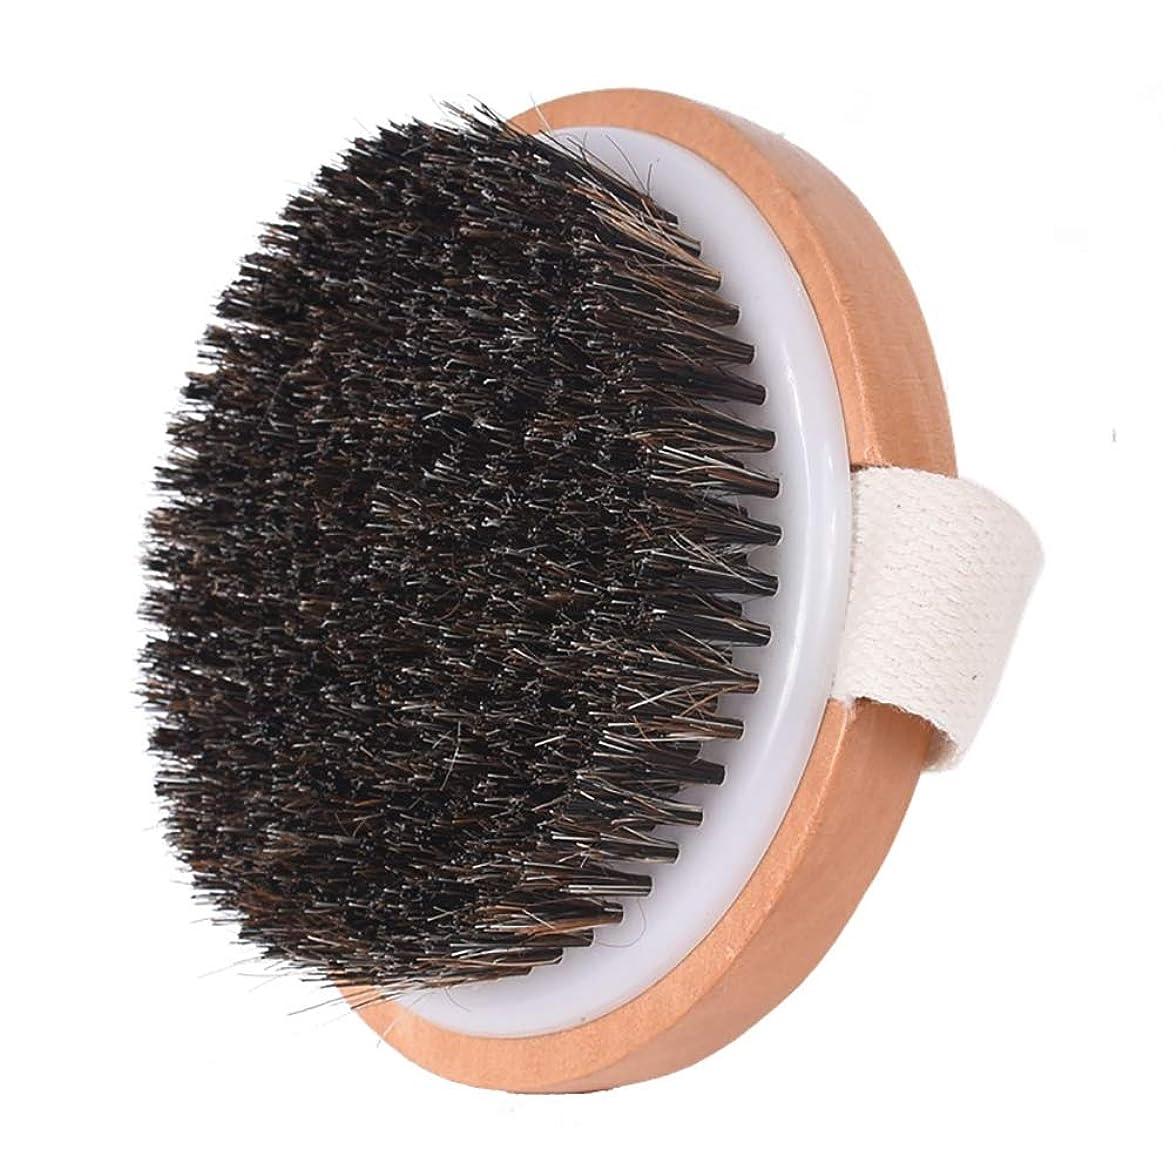 フラグラント故障中関係ないMaltose 馬毛ボディブラシ 天然素材 柄なし お風呂用 体洗いブラシ 柔らかい 足洗い つるつる美肌に 竹製